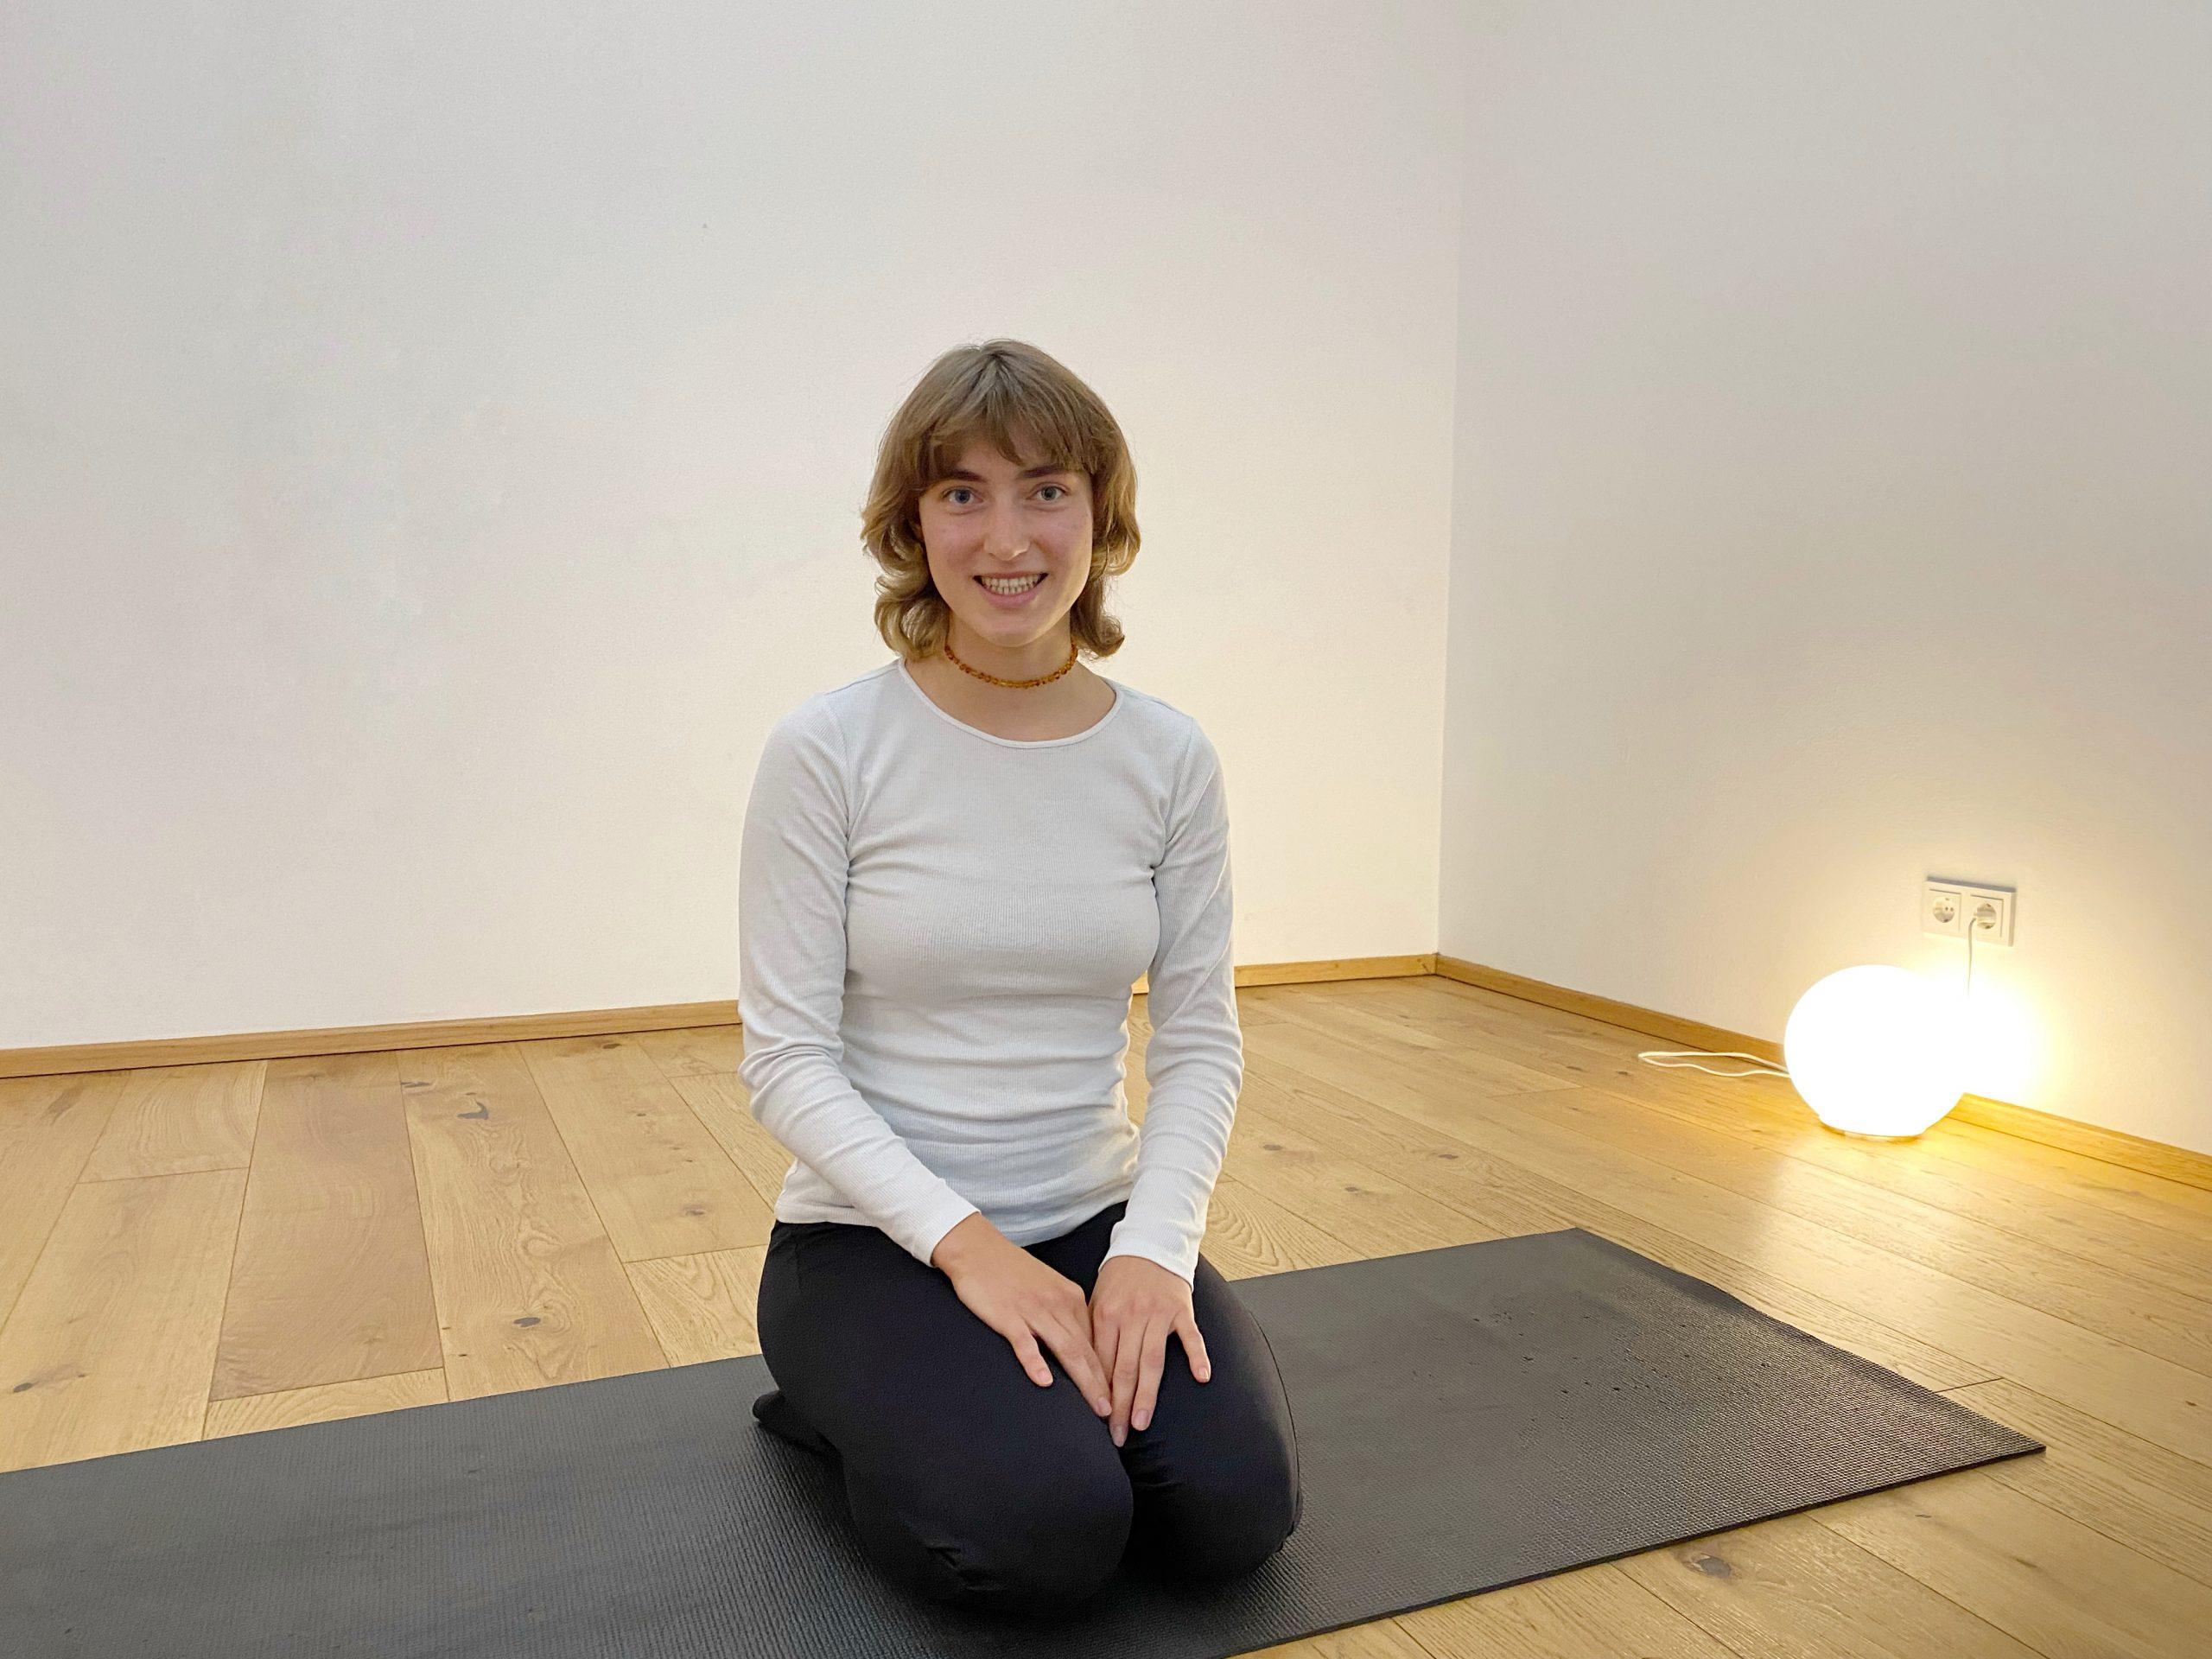 Bella Tröstl im Porträt, sitzend auf der schwarzen Yogamatte in der Yogaria, sie lächelt in die Kamera